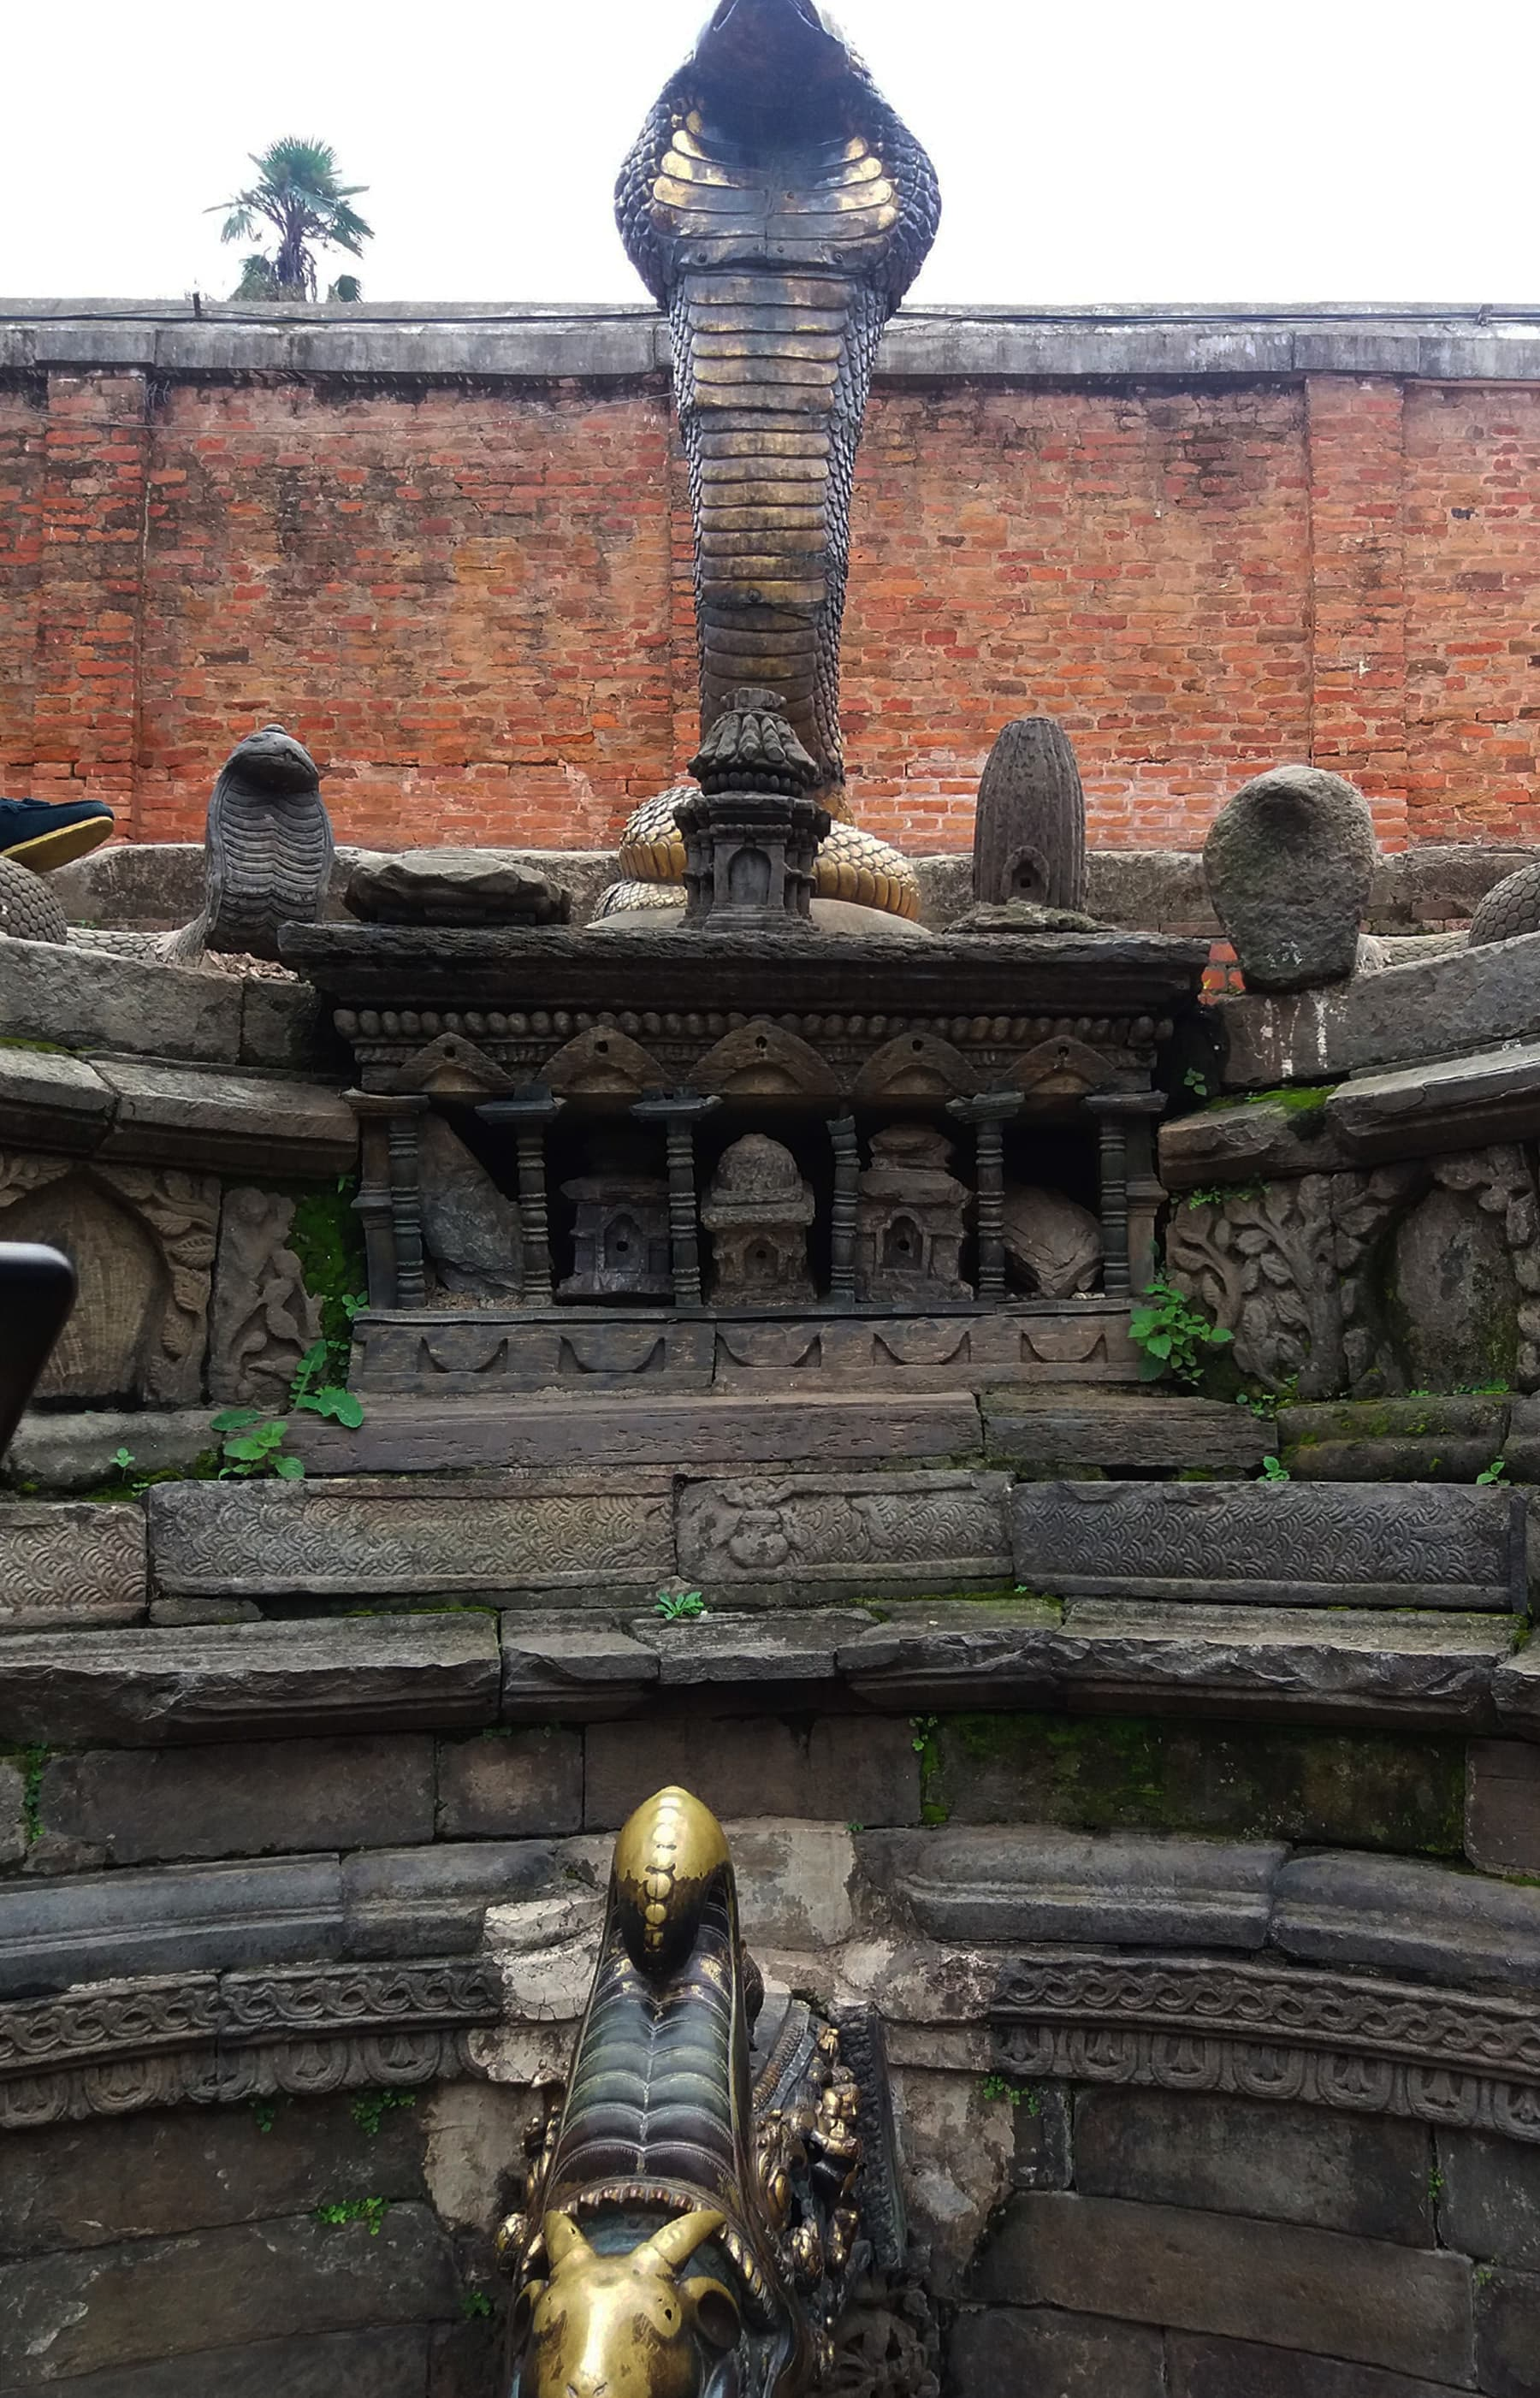 نیپال کو مندروں کا شہر غلط نہ ہوگا—تصویر شبینہ فراز